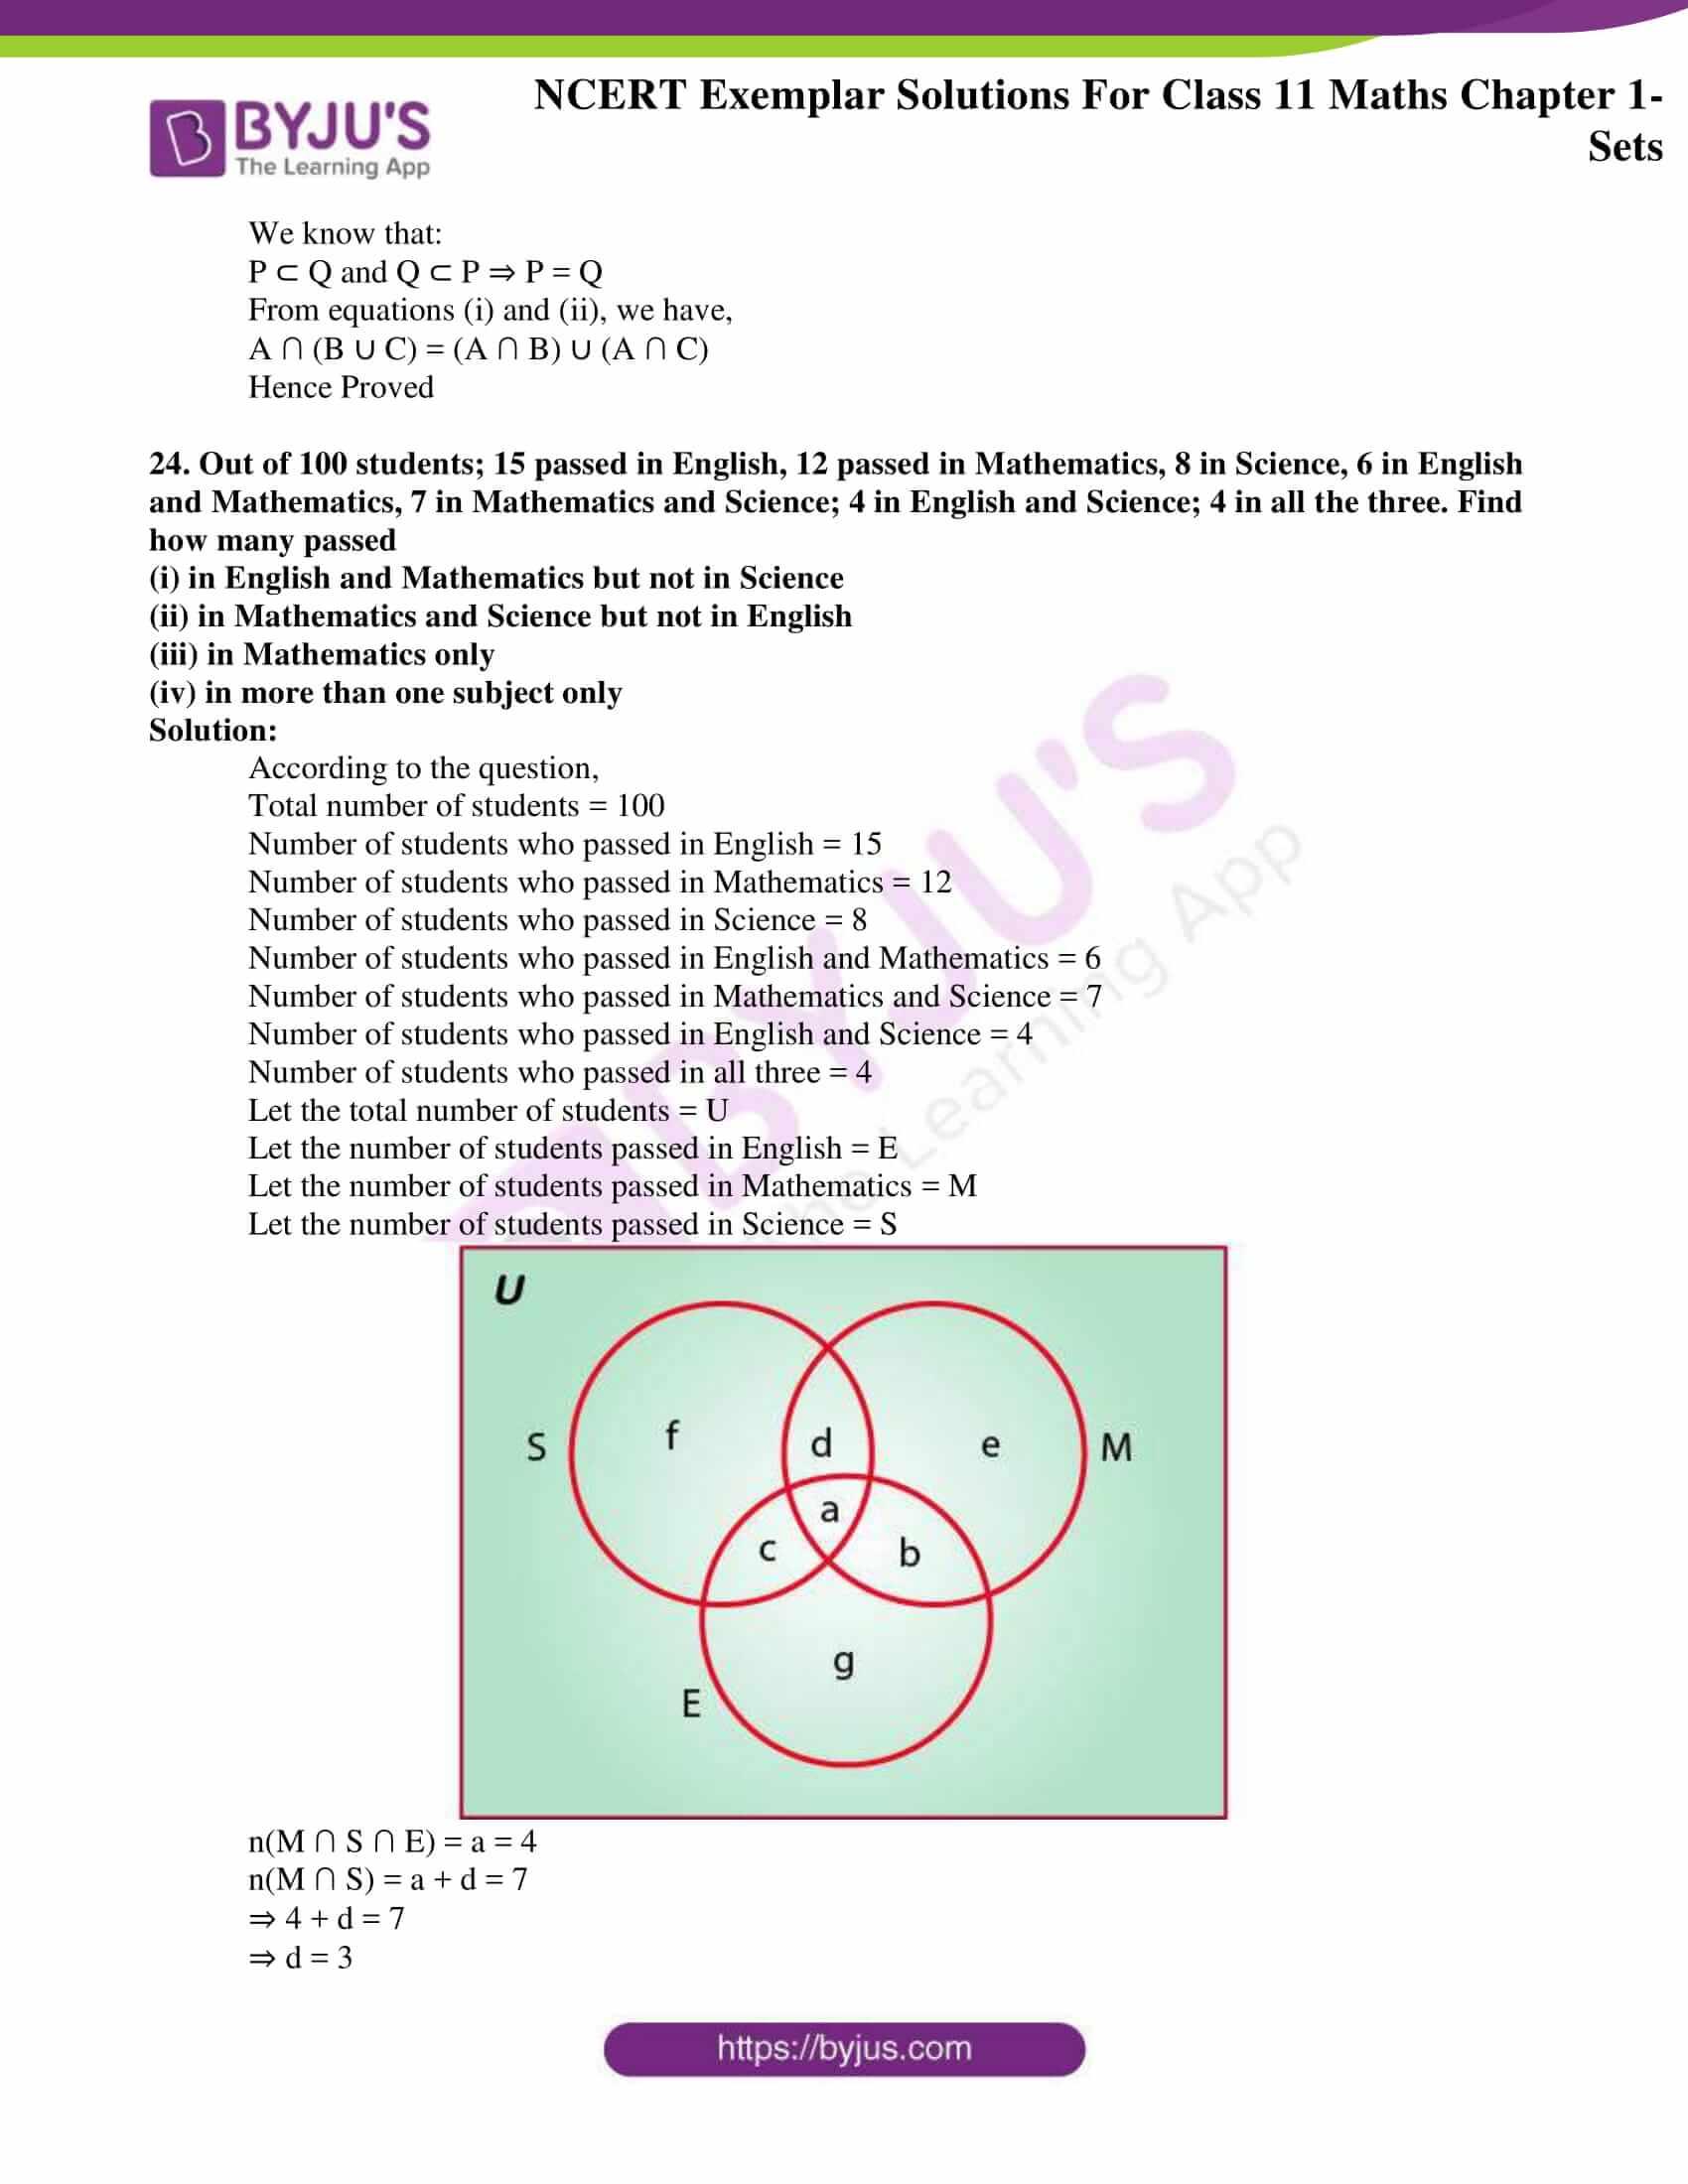 ncert exemplar solutions for class 11 maths chapter 1